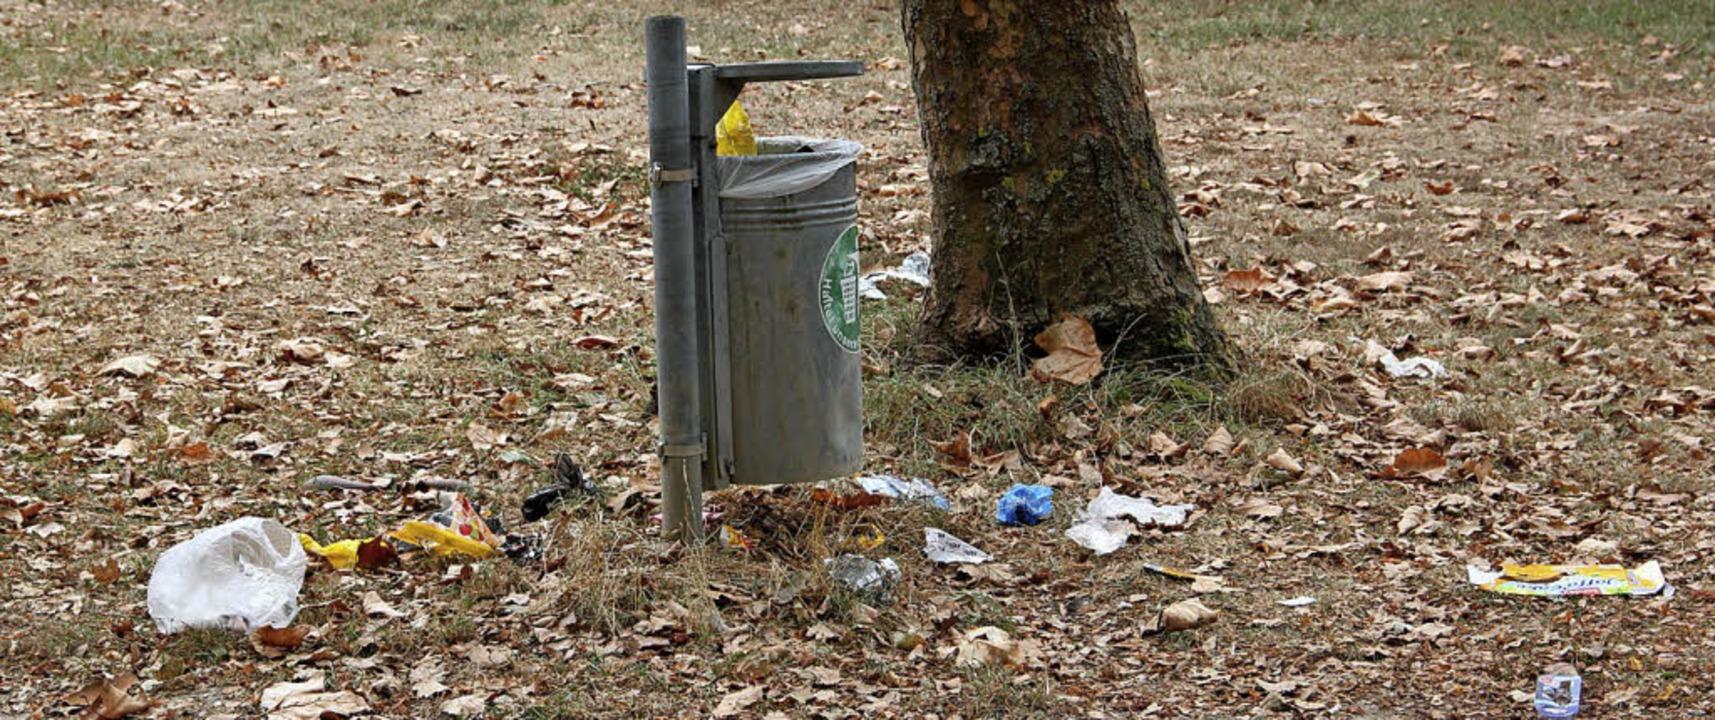 Plastiktüten liegen neben einem Mülleimer im Grütt.    Foto: Daniela Gschweng